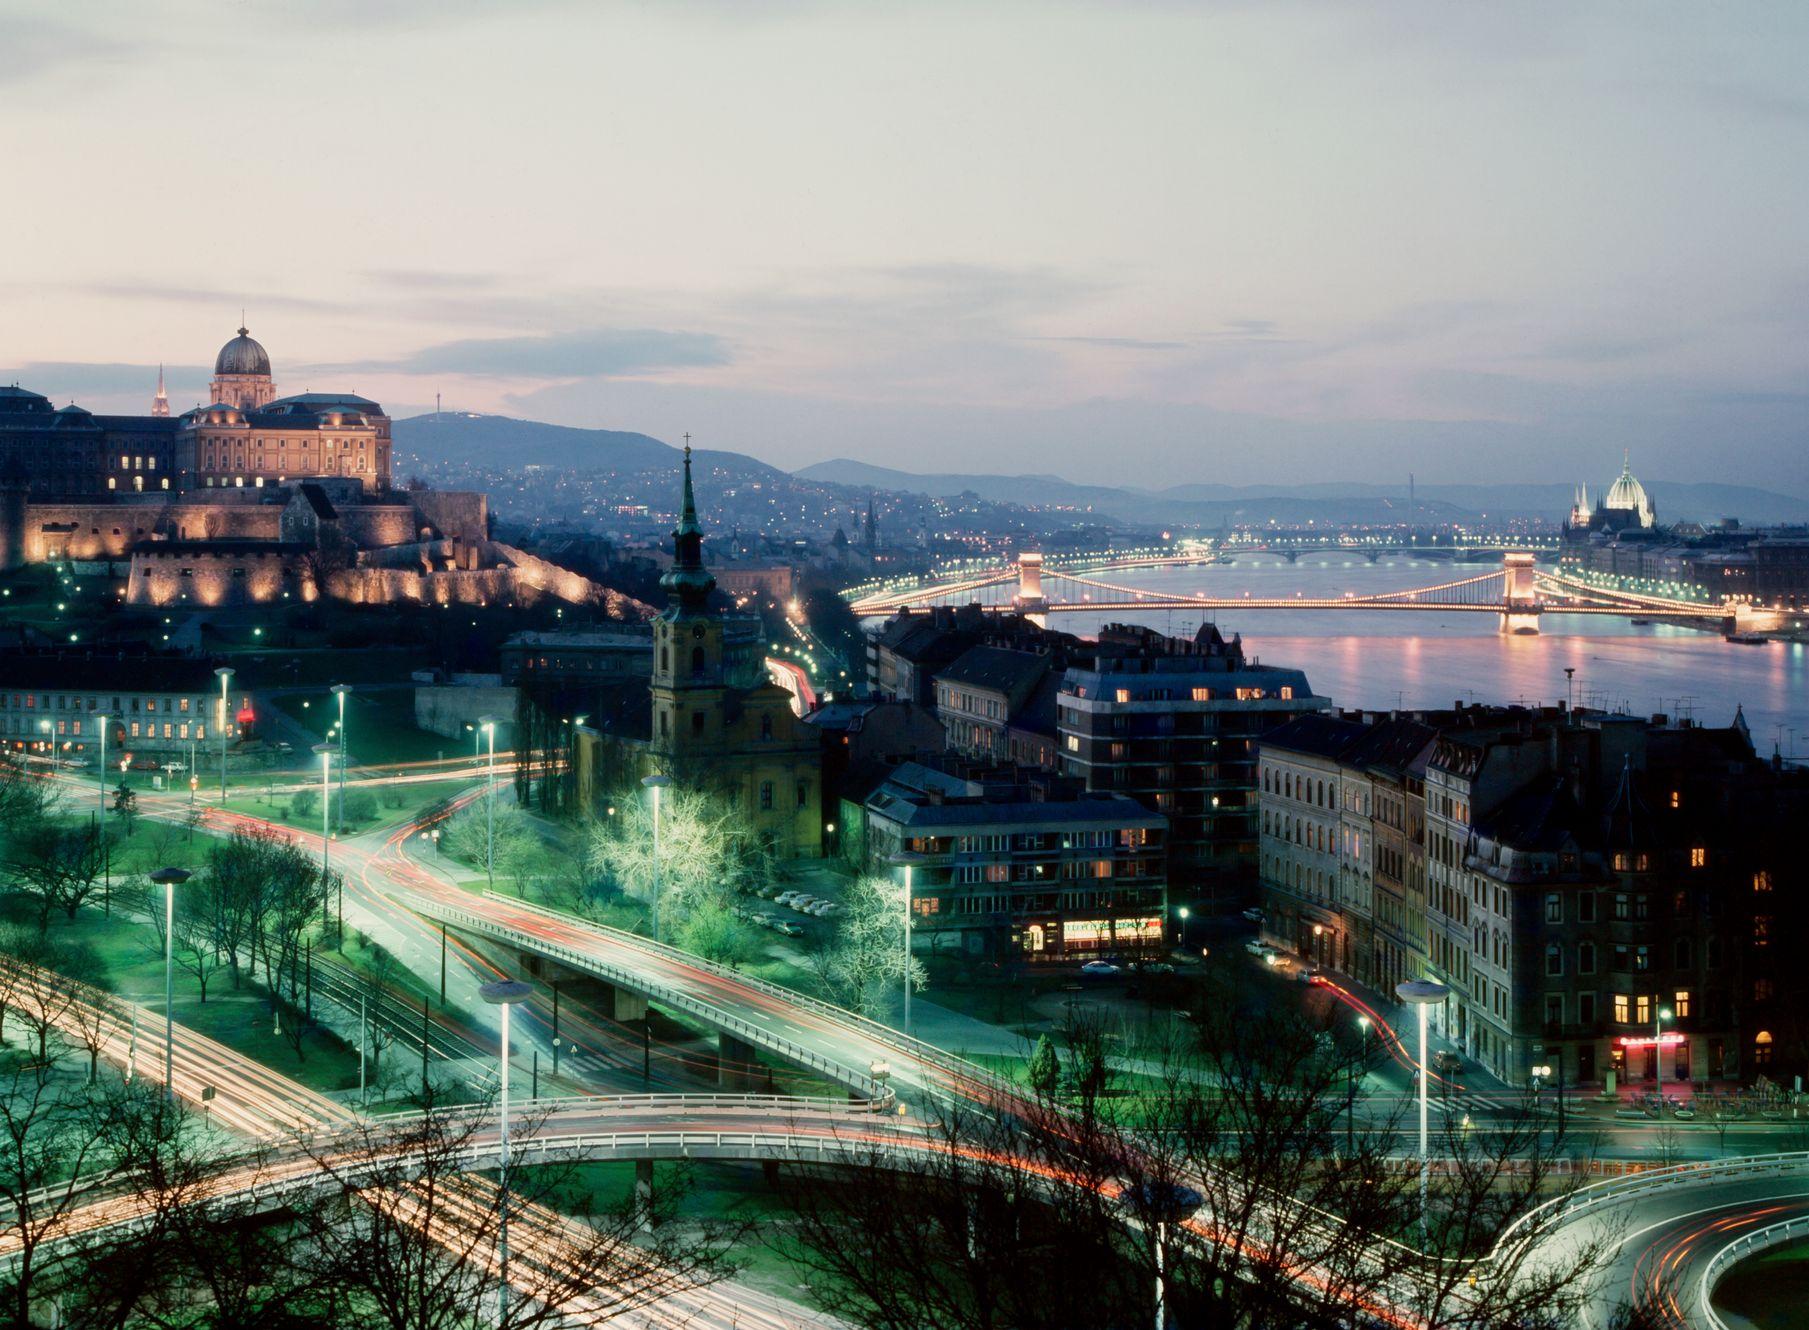 Πανοραμική θέα στο Κάστρο της Βουύδας και τον Δούναβη τη νύχτα - η Βουδαπέστη αποτελεί αφετηρία για city-hopping στην Ευρώπη